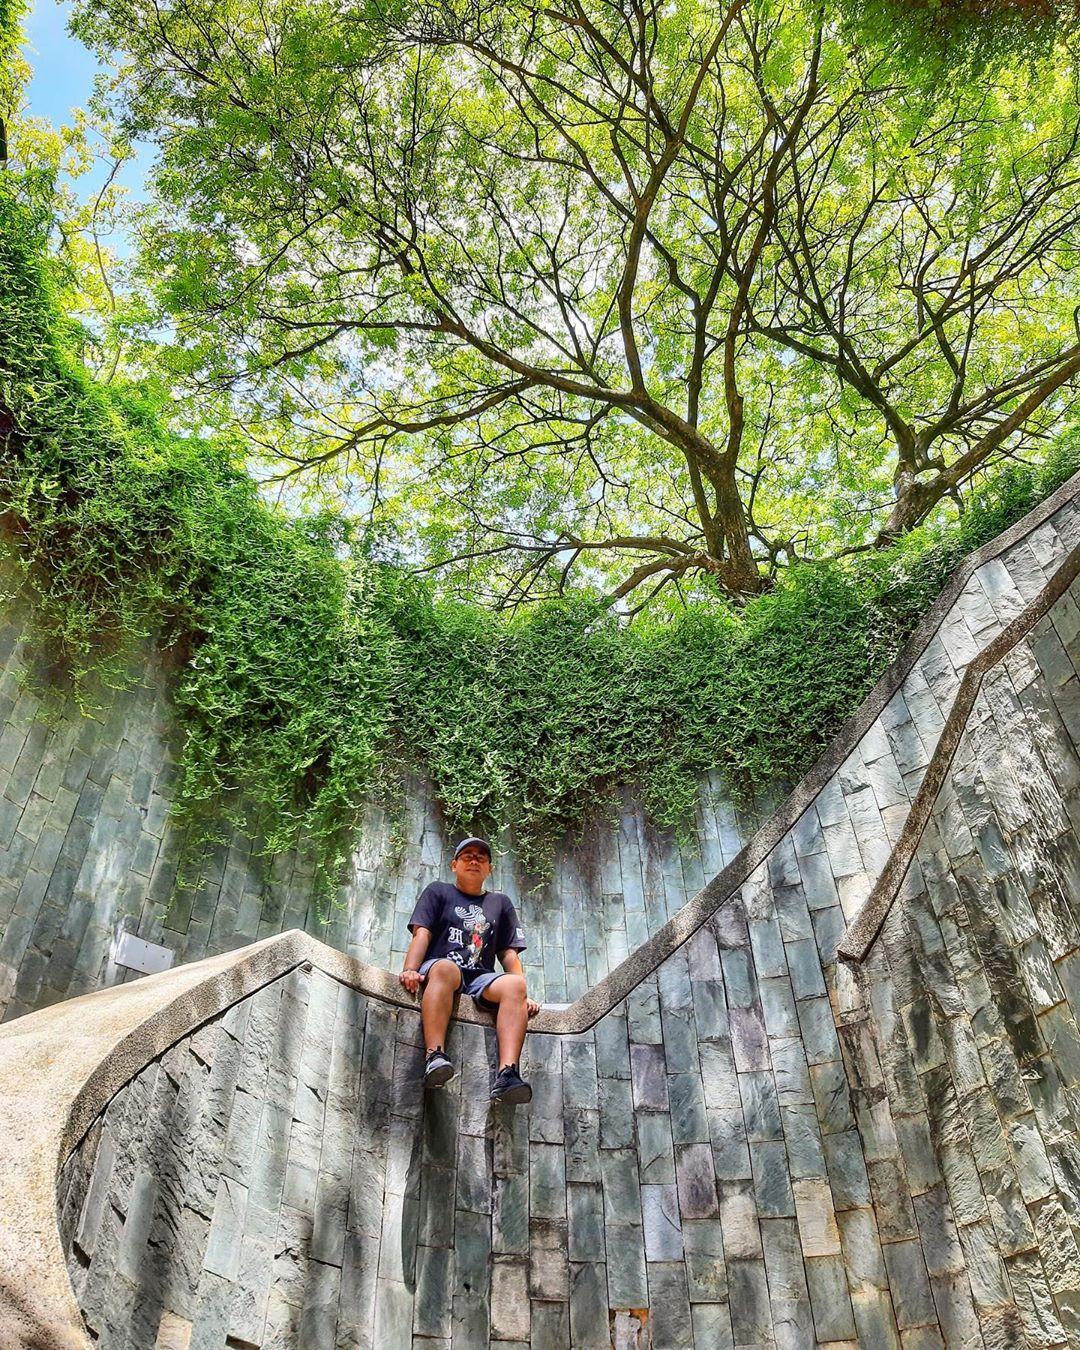 singapore_choi-gi-o-clarke-quay-09